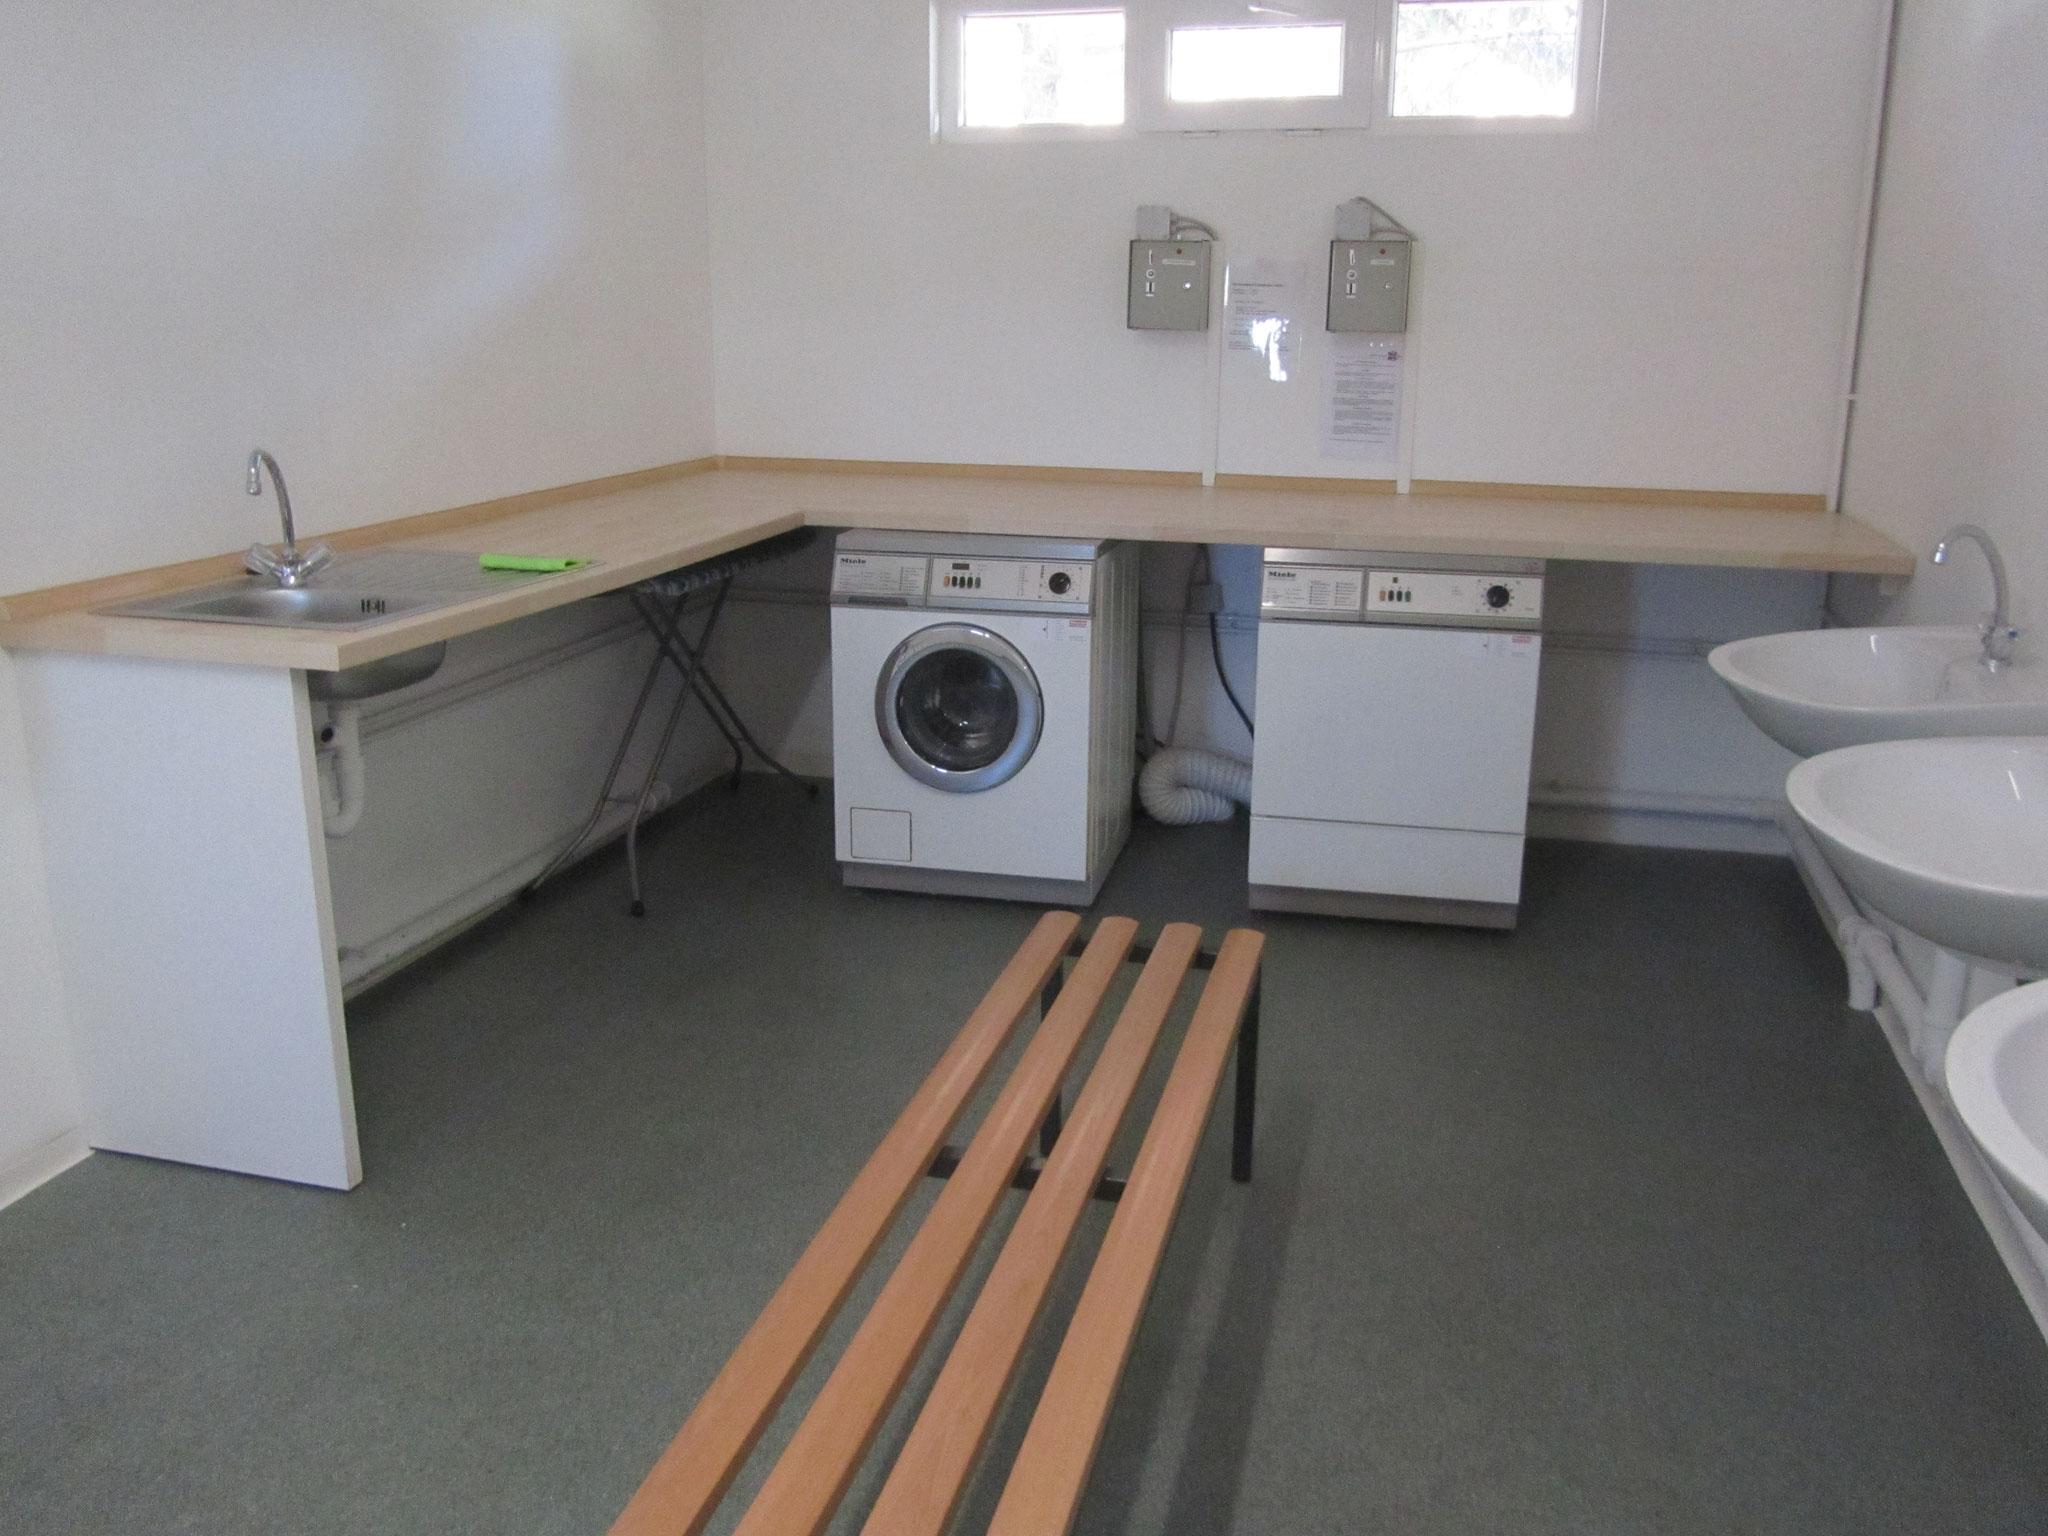 Waschmaschine Trockner und Kinder-WC vorhanden